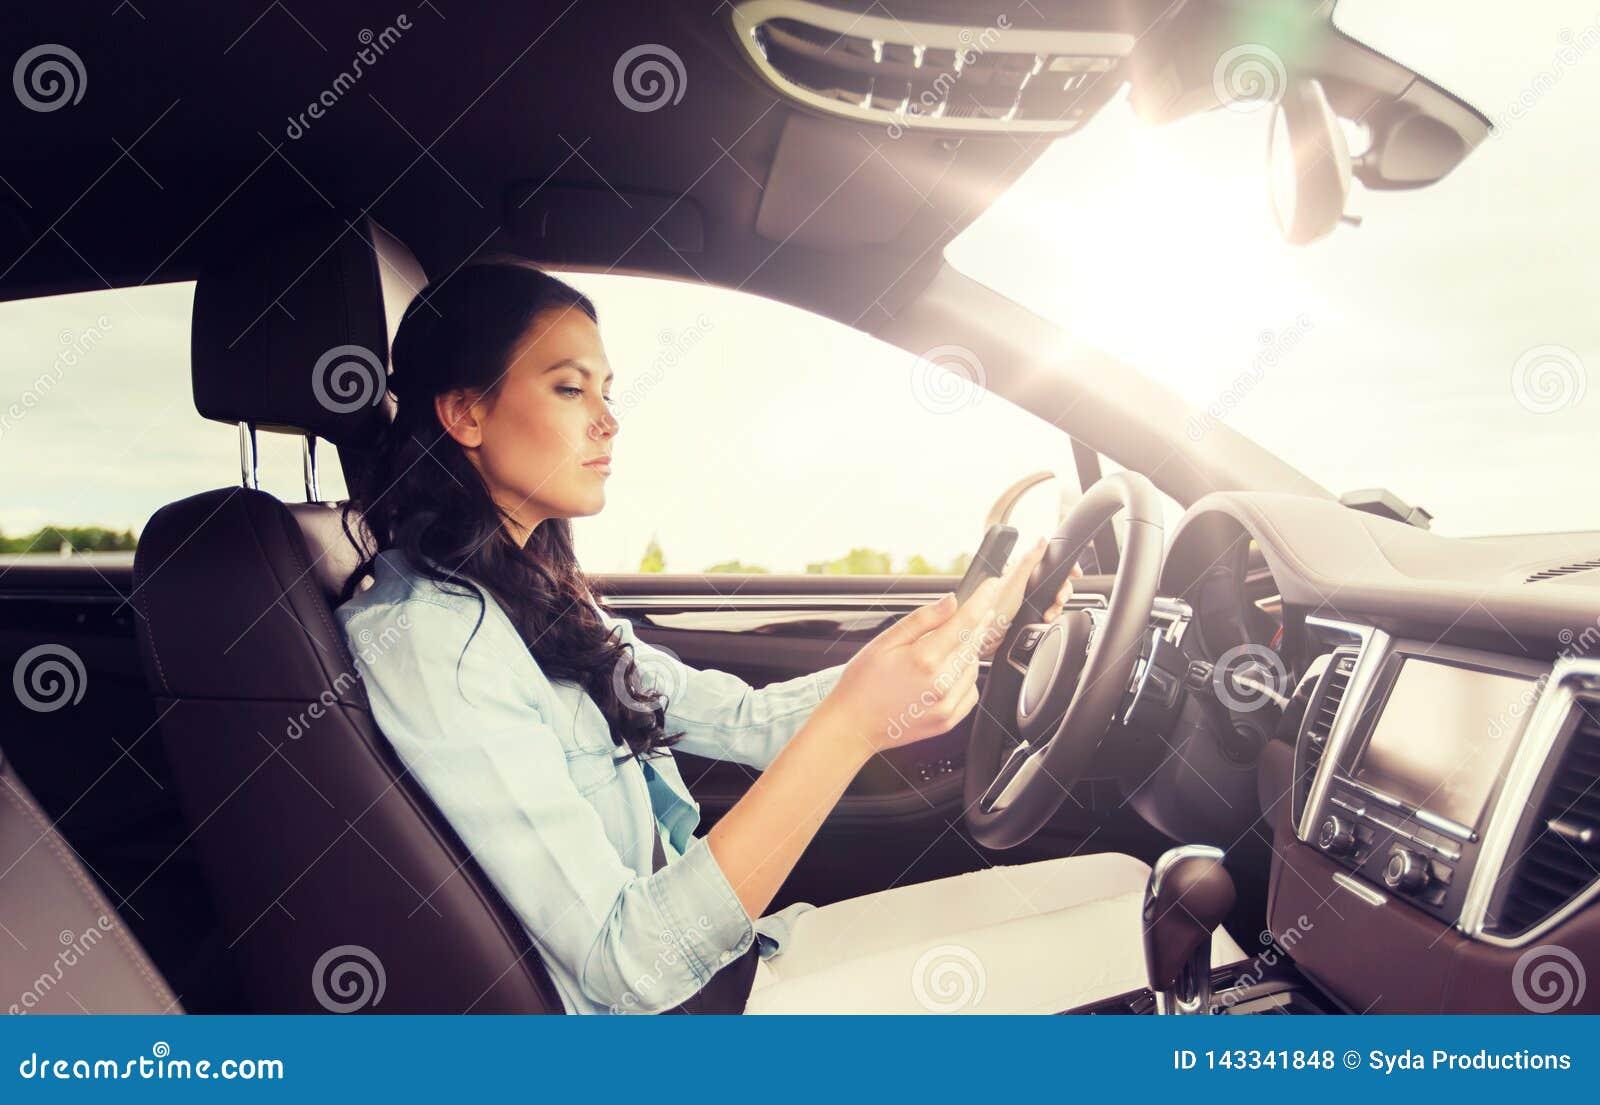 驾驶有smarhphone的妇女汽车